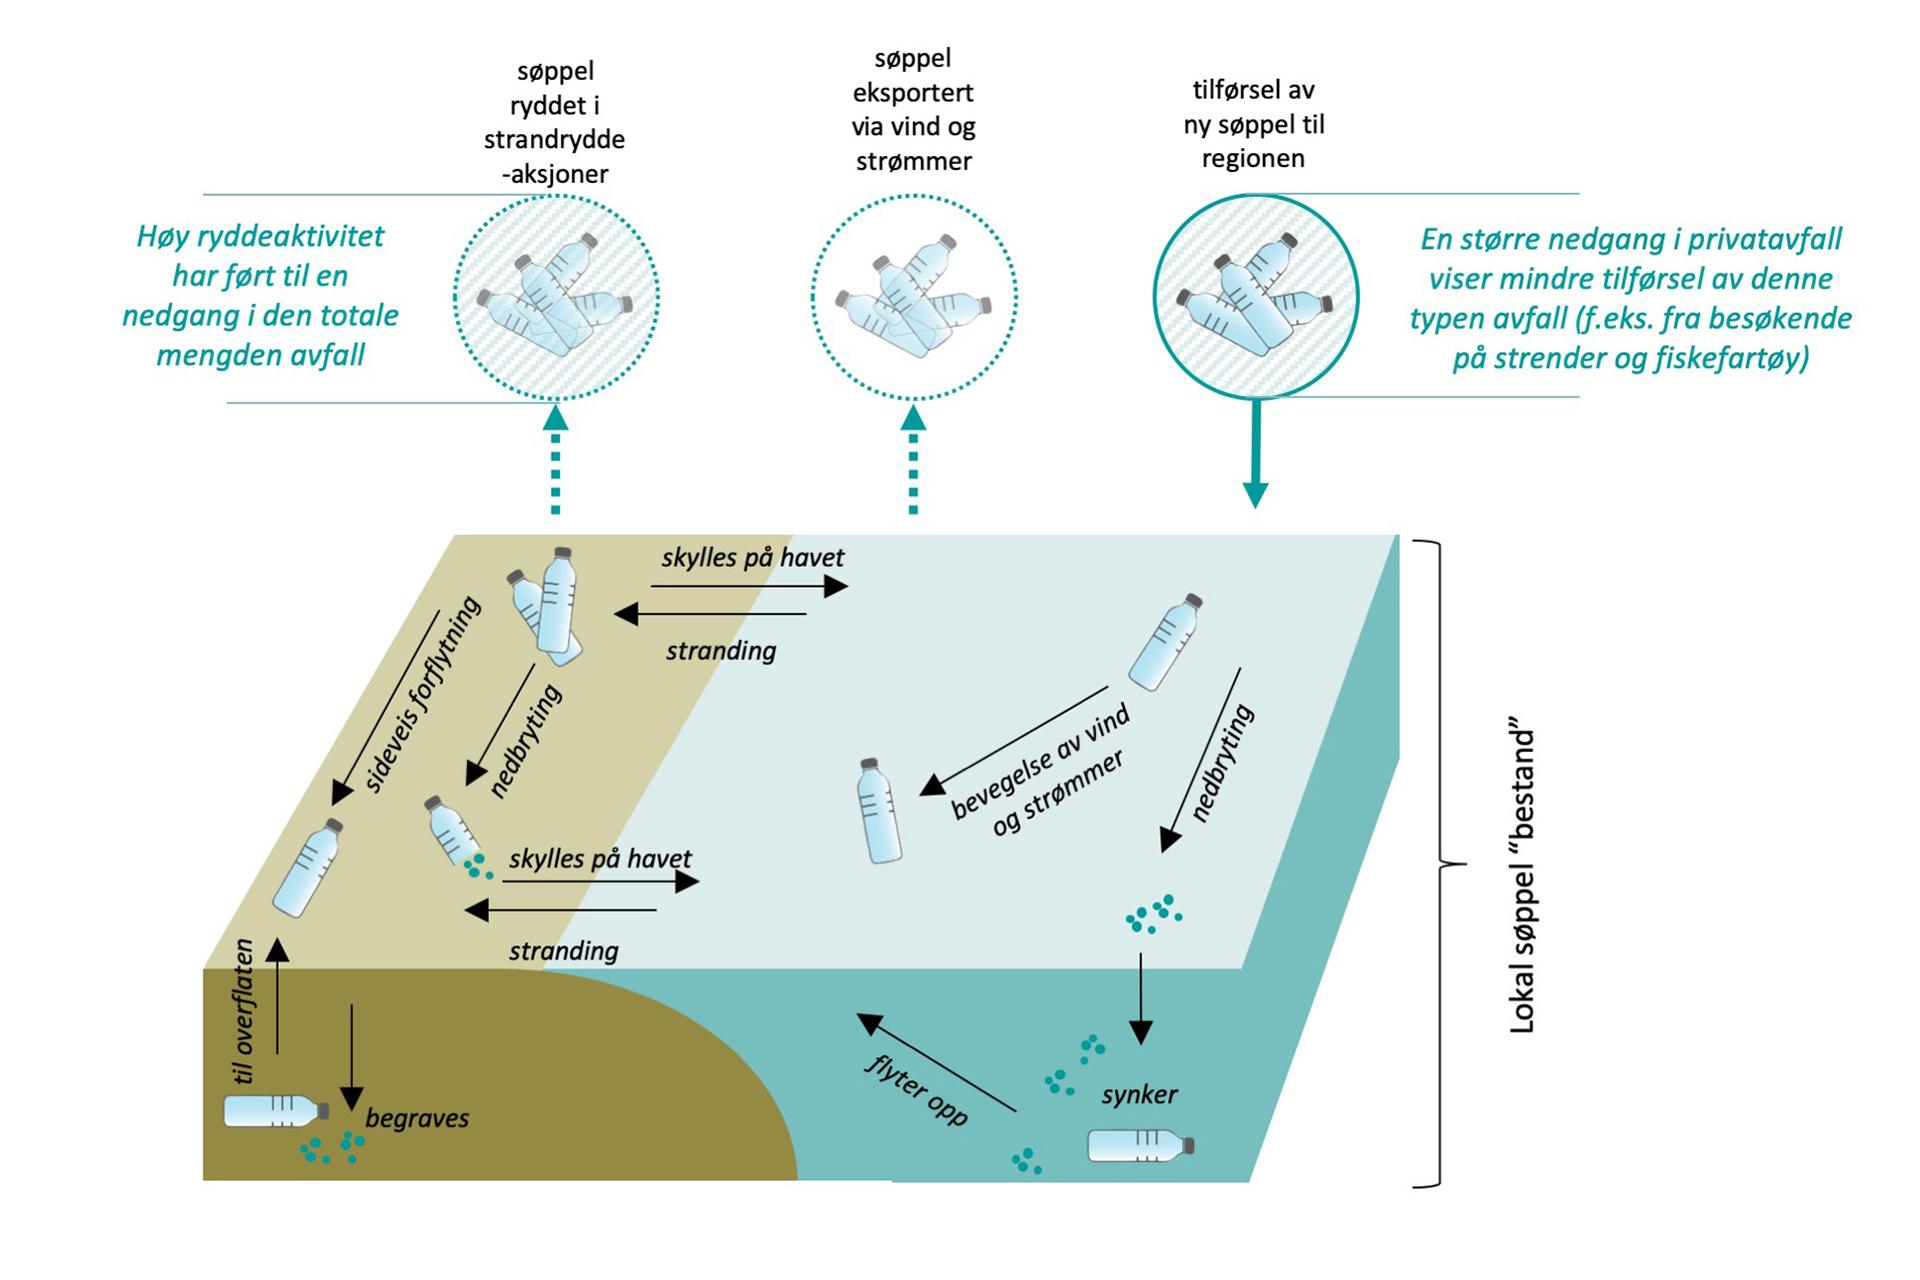 Figur som forklarer forskningen om at det nytter å rydde